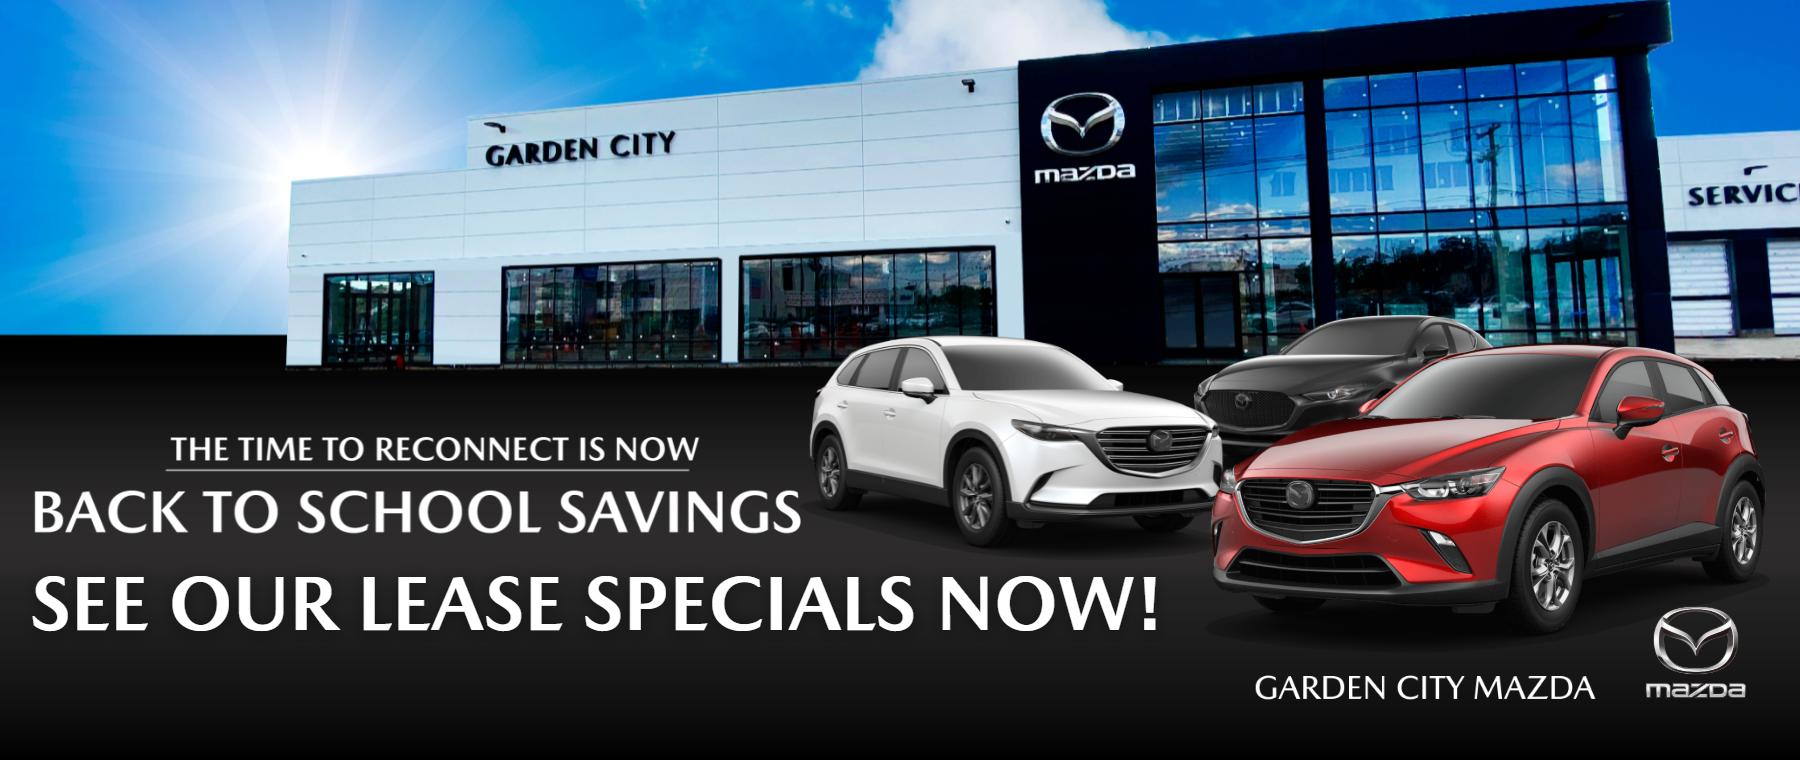 2021.07.28_Garden City Mazda AUG Web_S53417ll-01